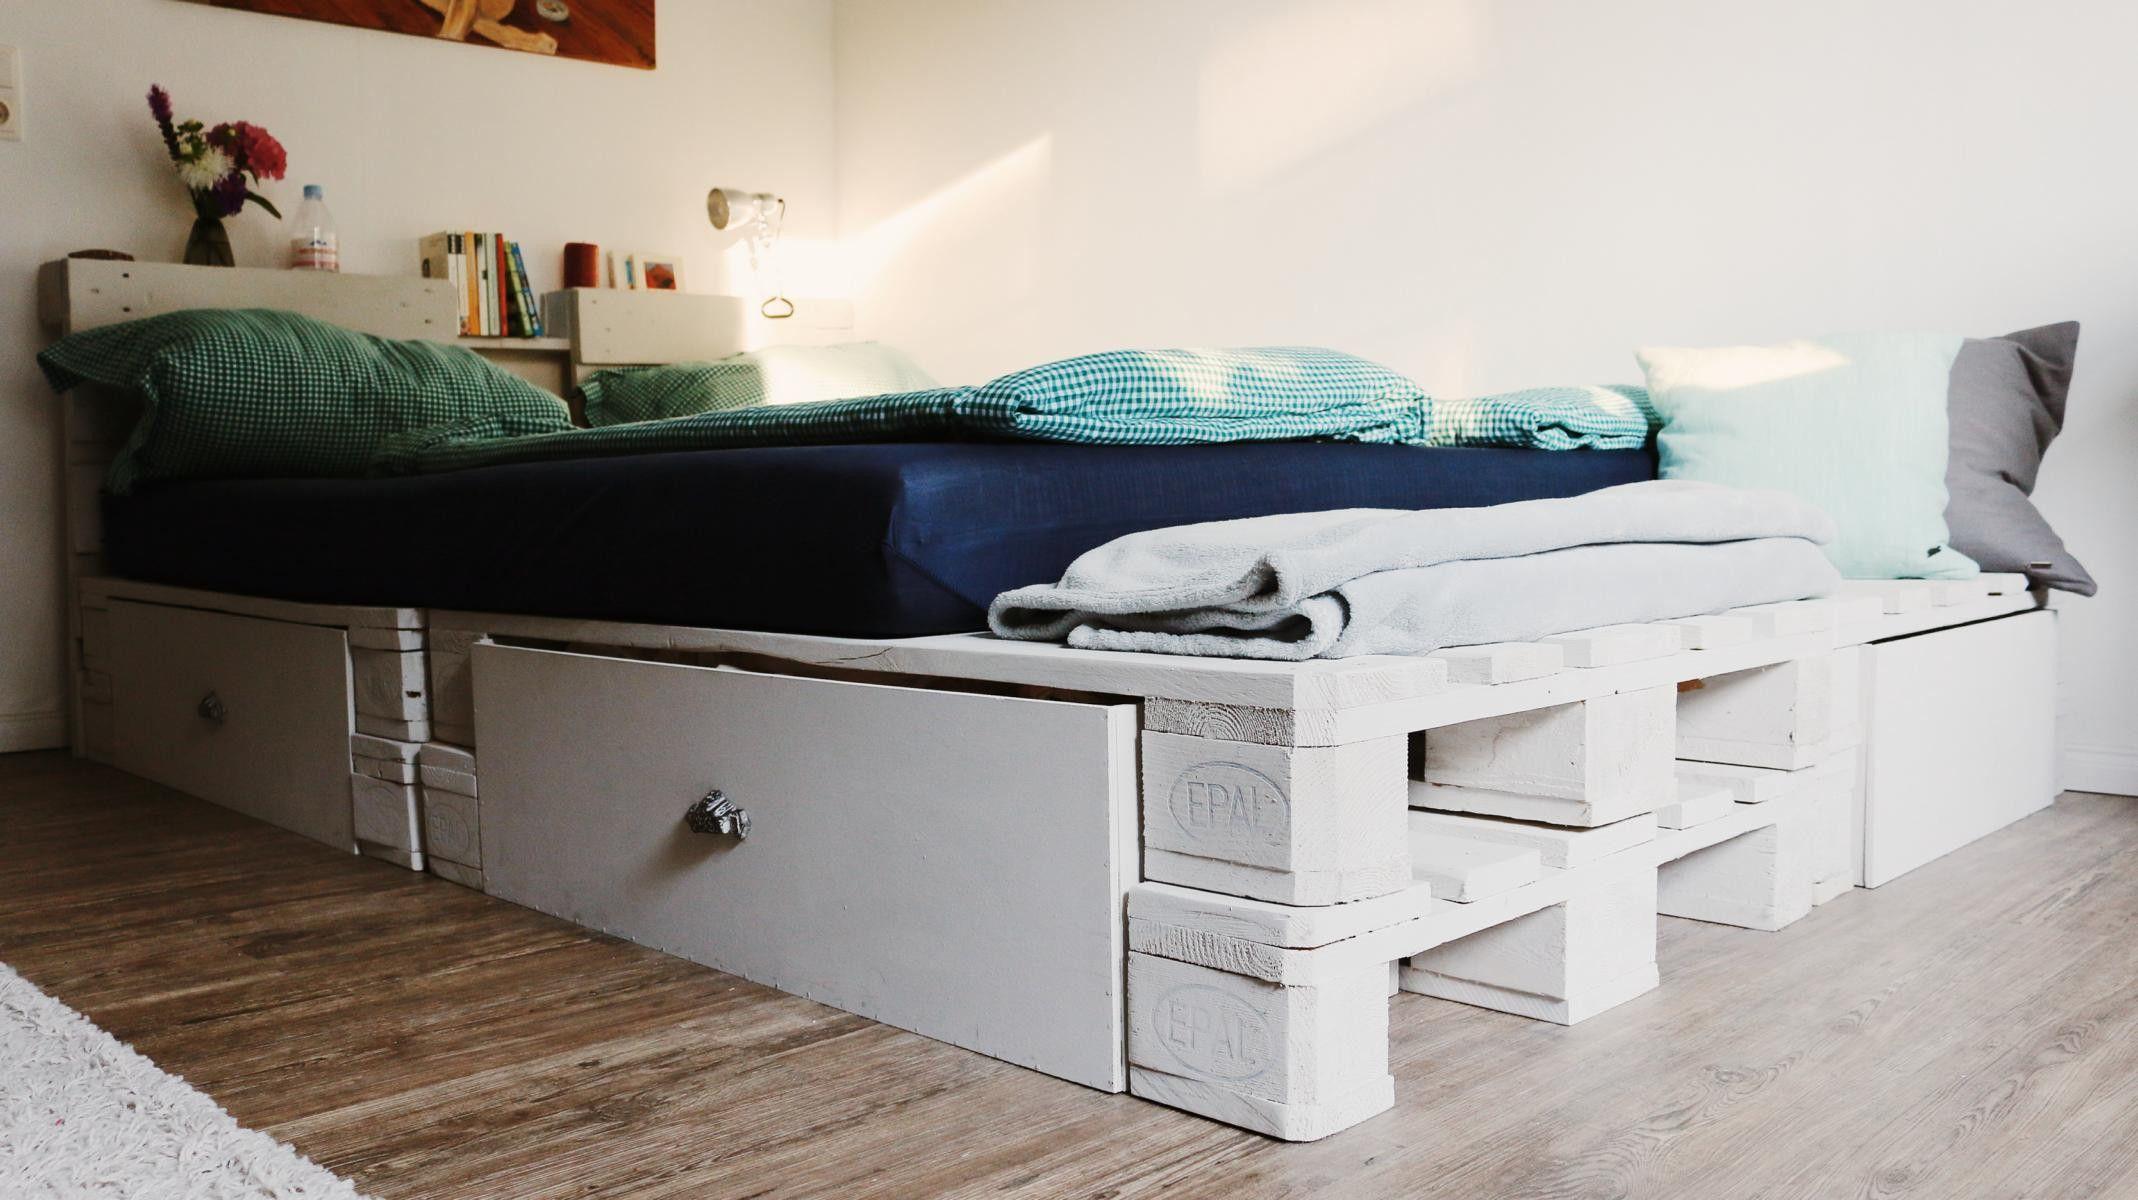 Bett Paletten Fresh Palettenbett Selber Bauen Kaufen Bett Aus Paletten Palettenbett Palettenbett Selber Bauen